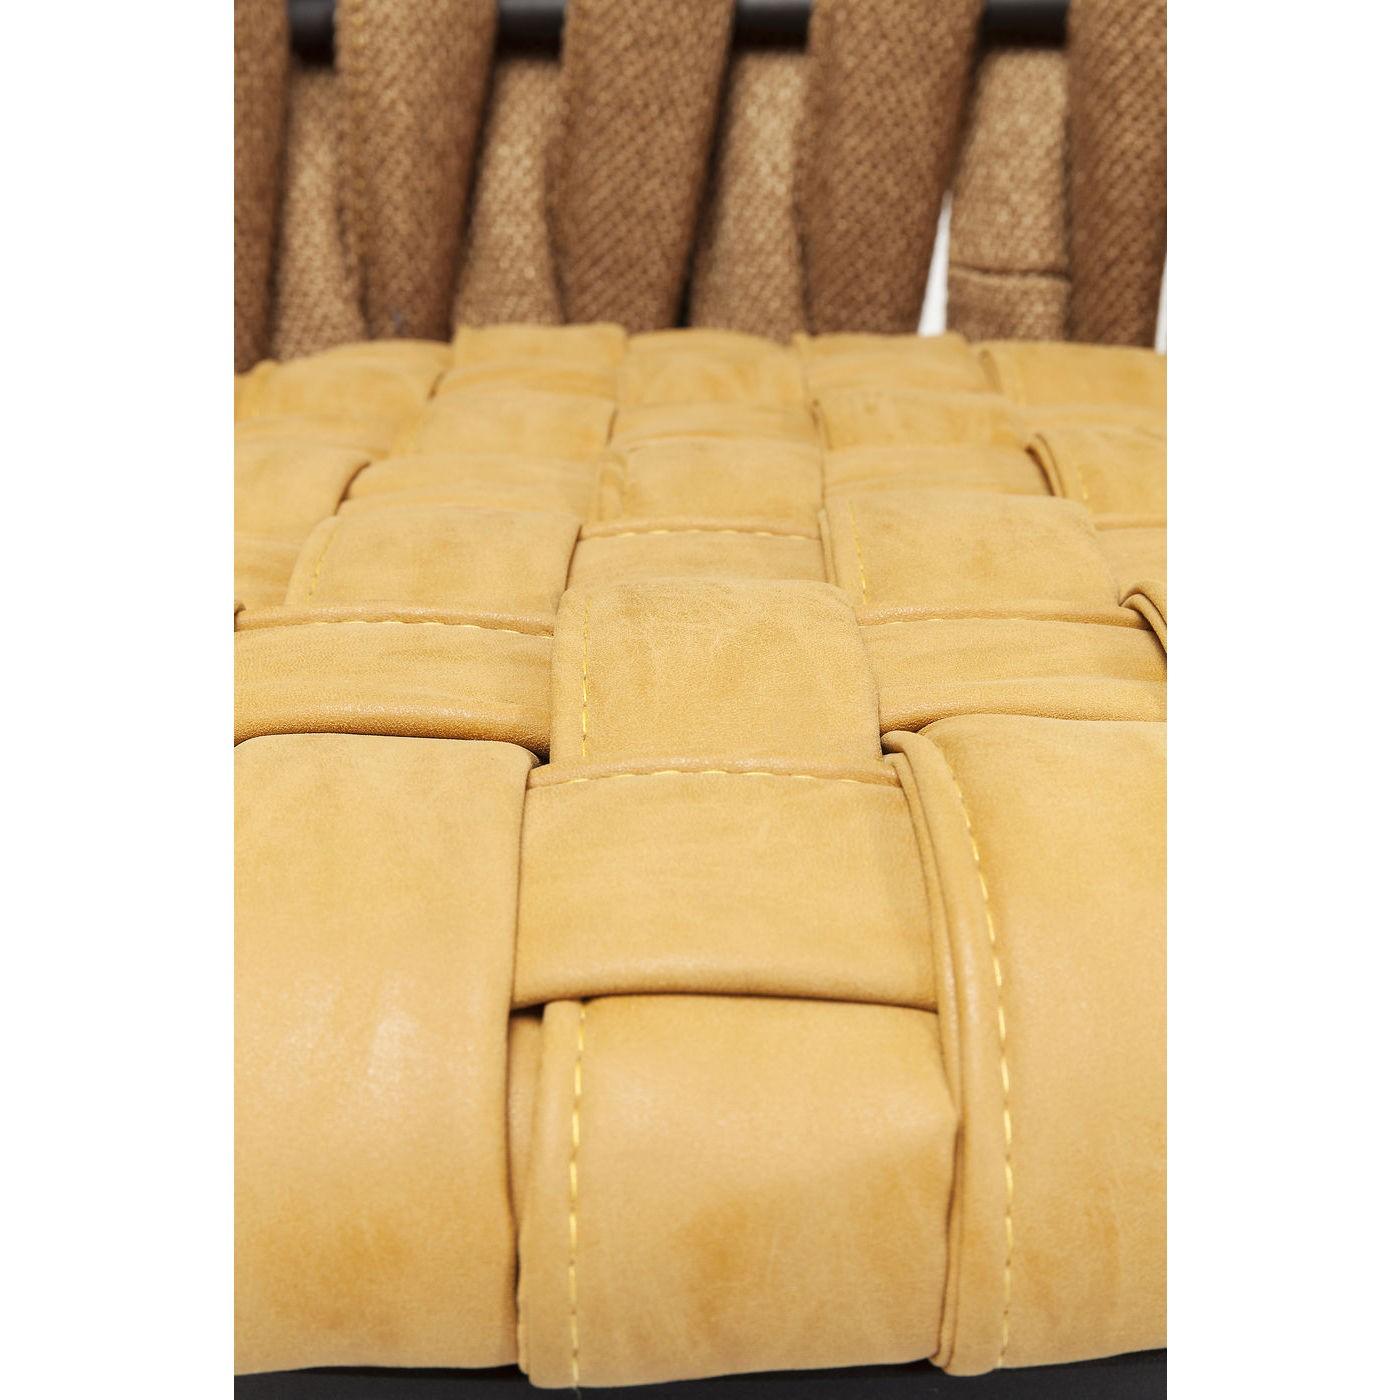 Chaise avec accoudoirs jaune et acier